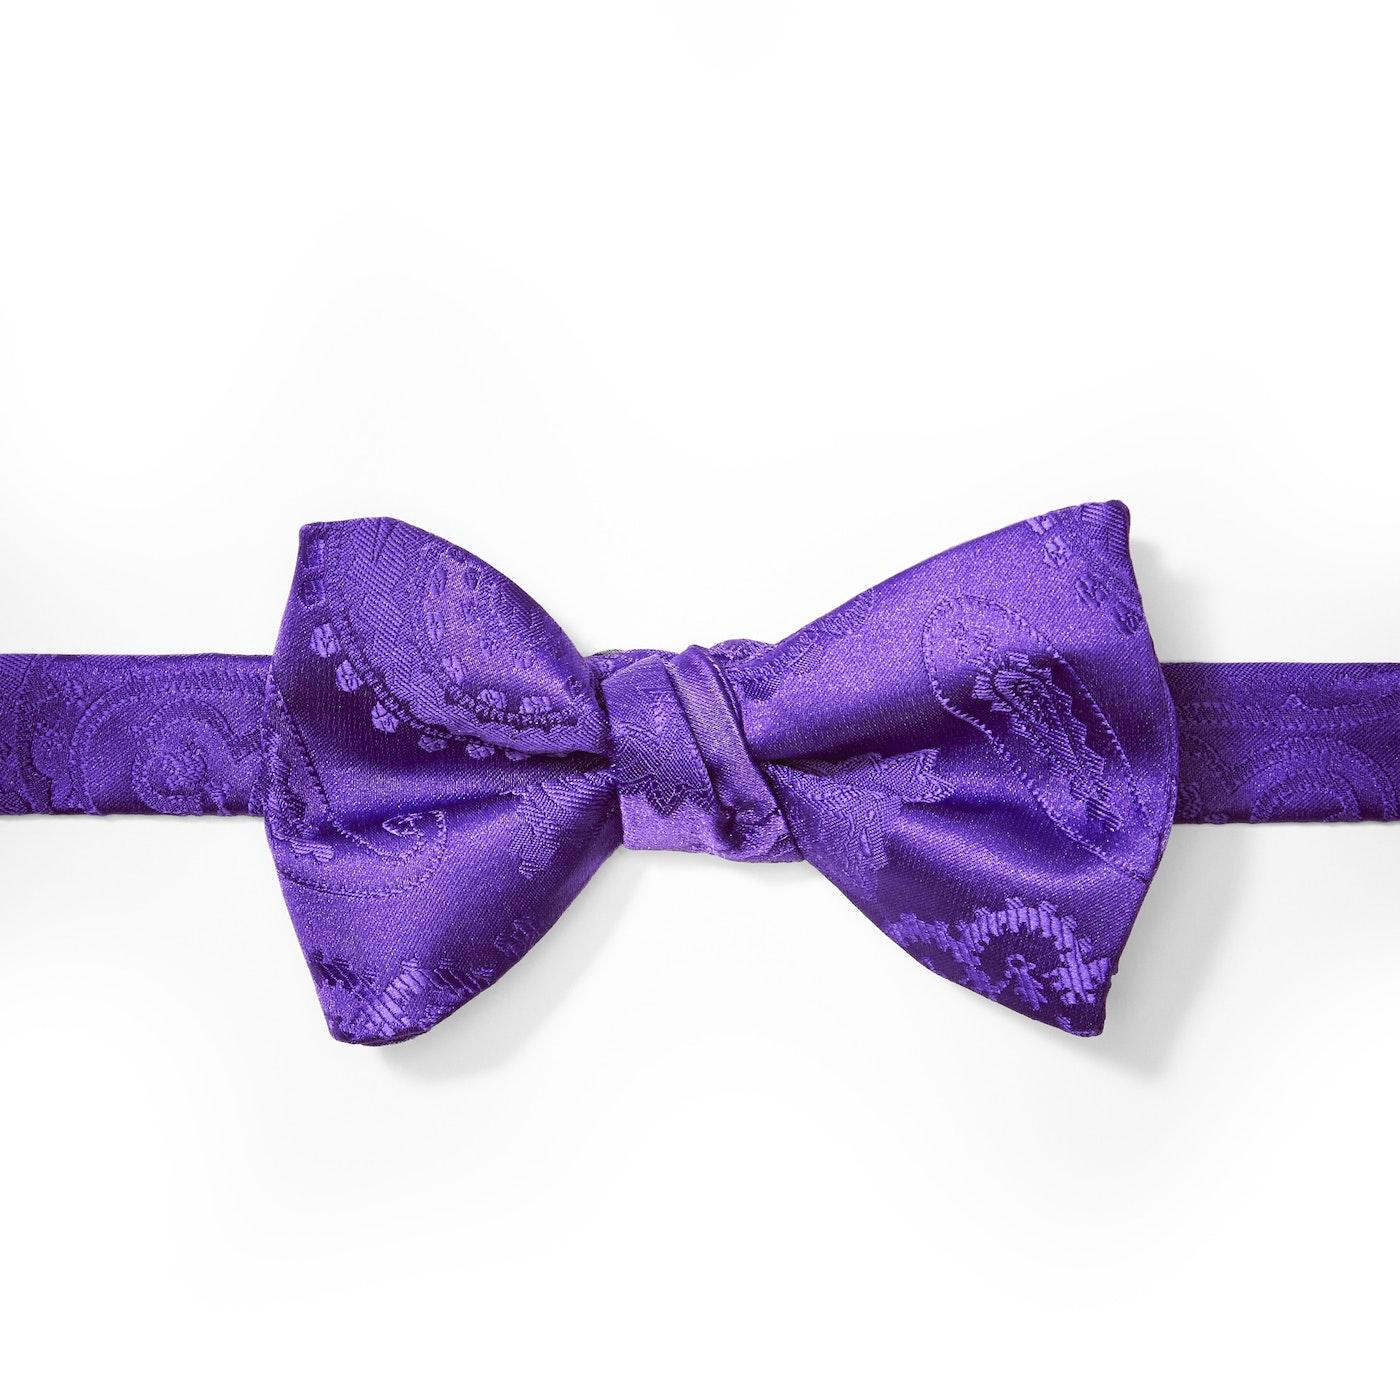 Viola Paisley Pre-Tied Bow Tie